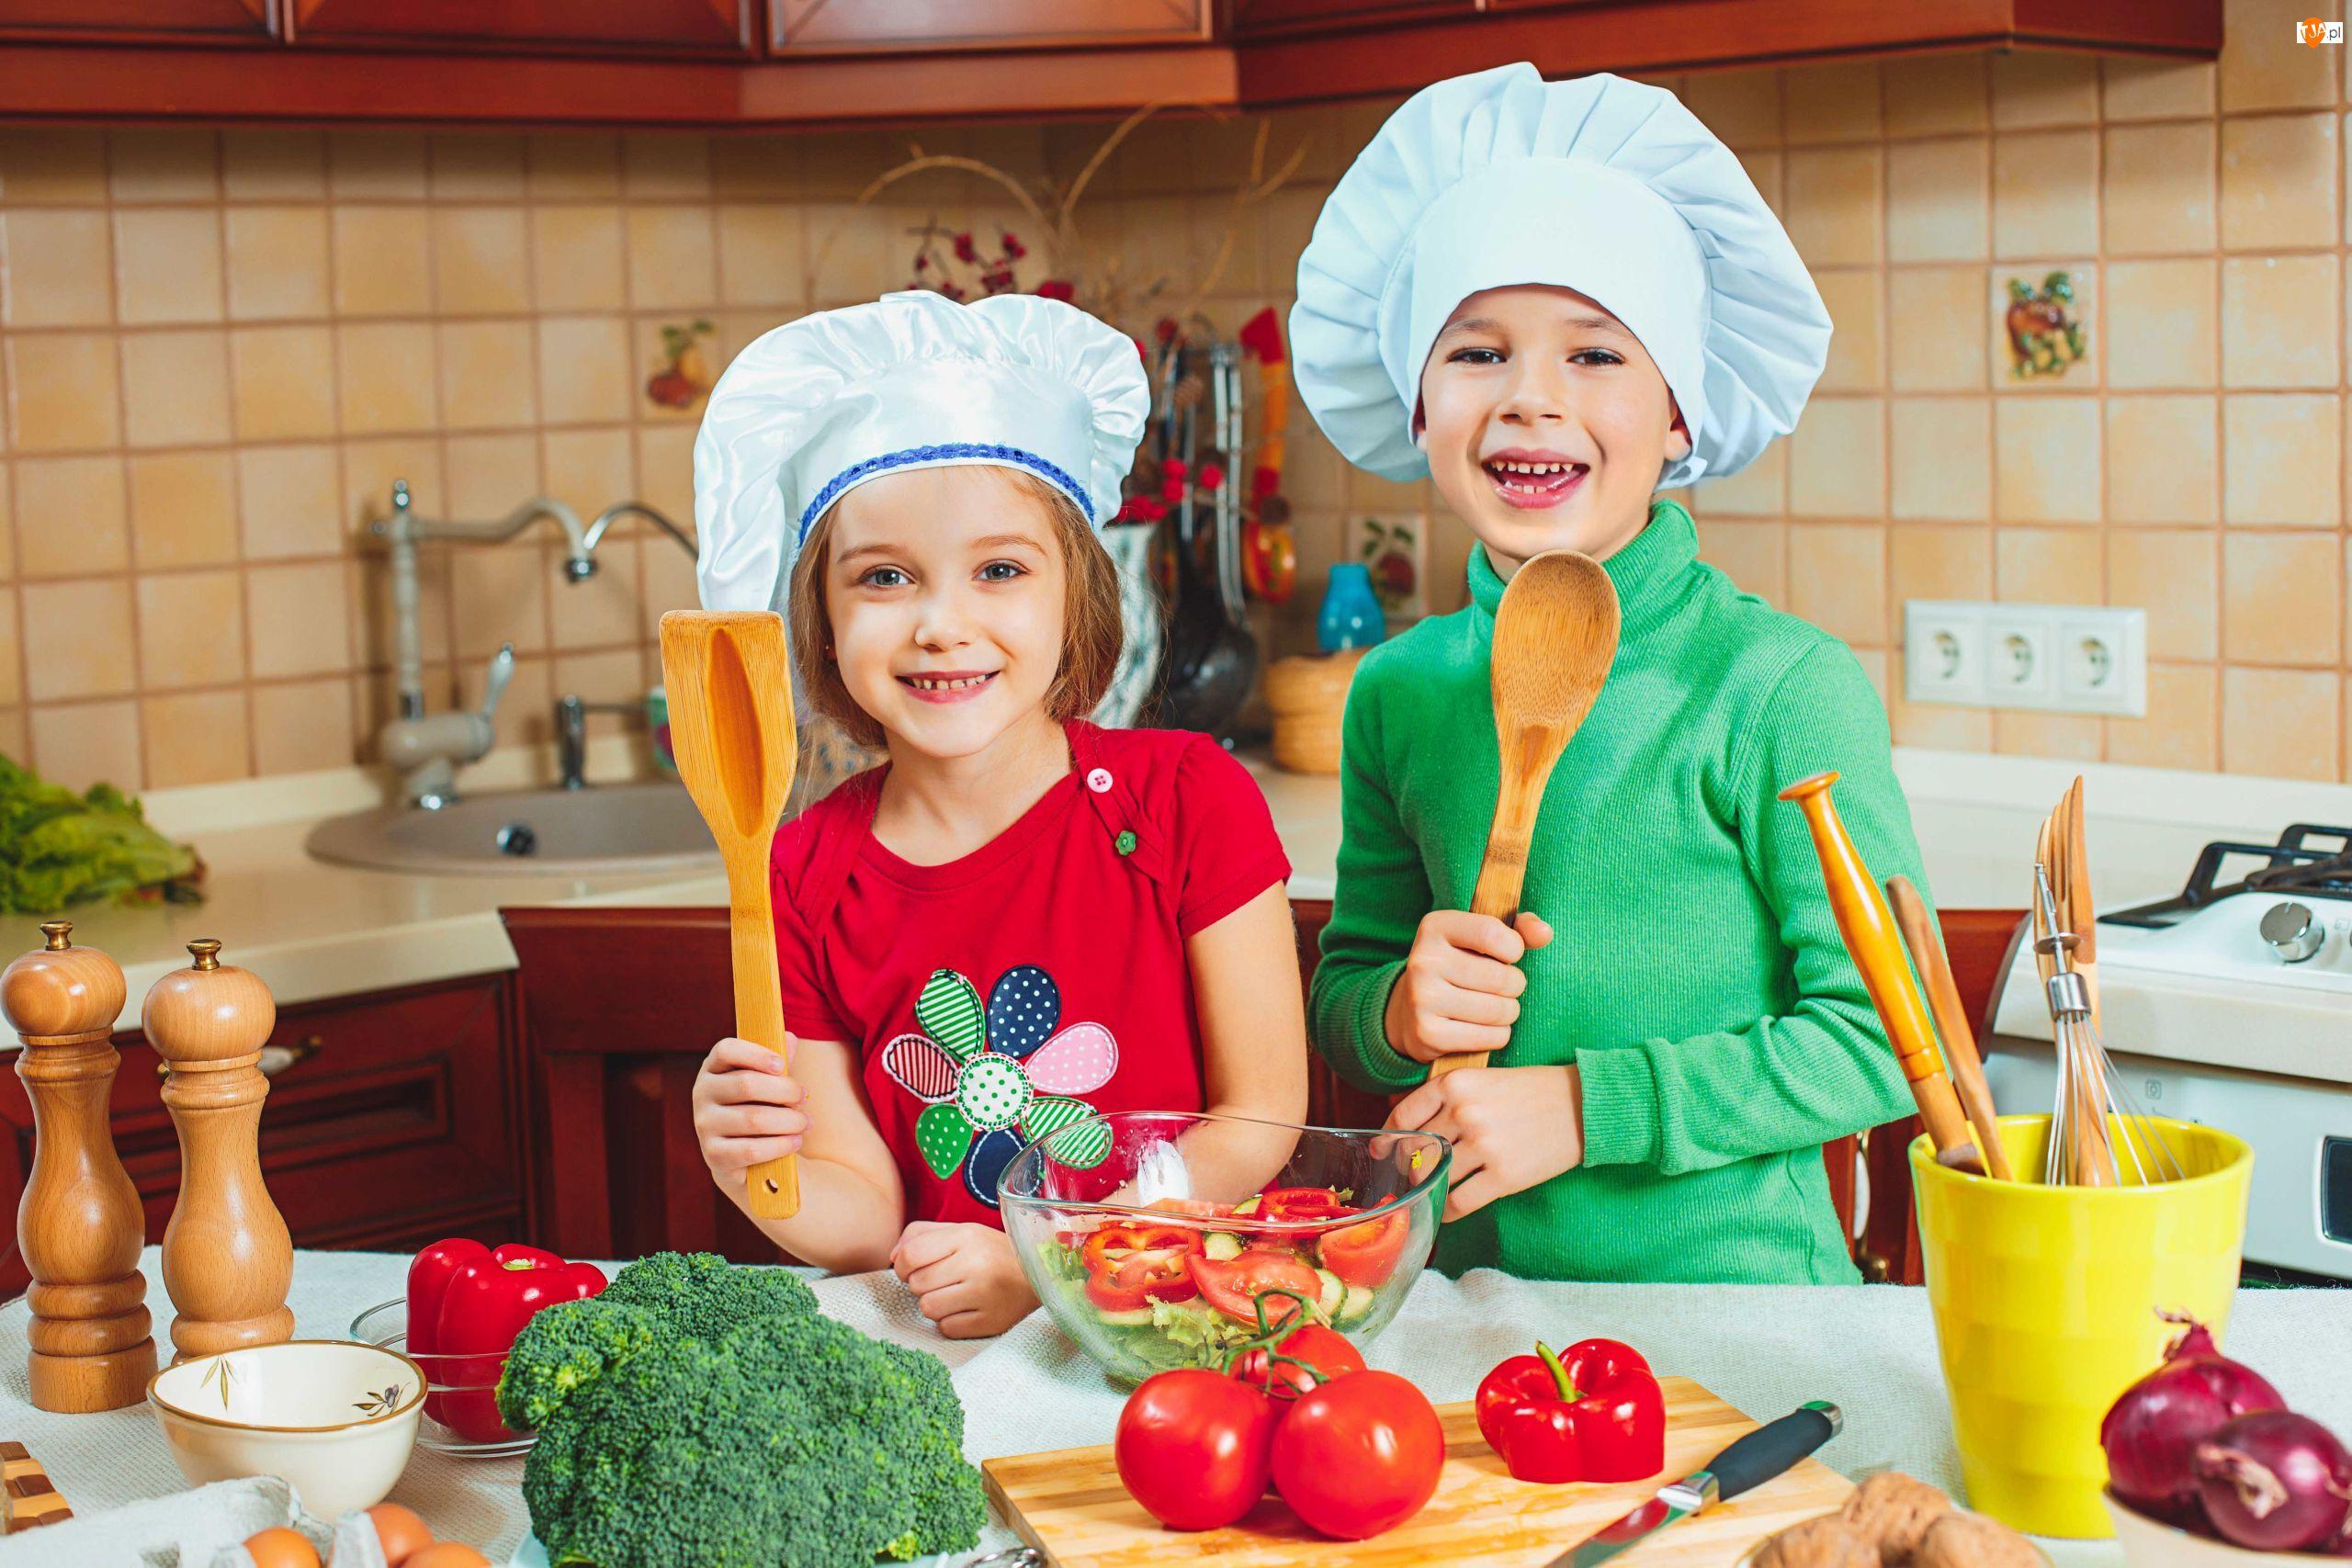 Czapki kucharskie, Kuchnia, Dzieci